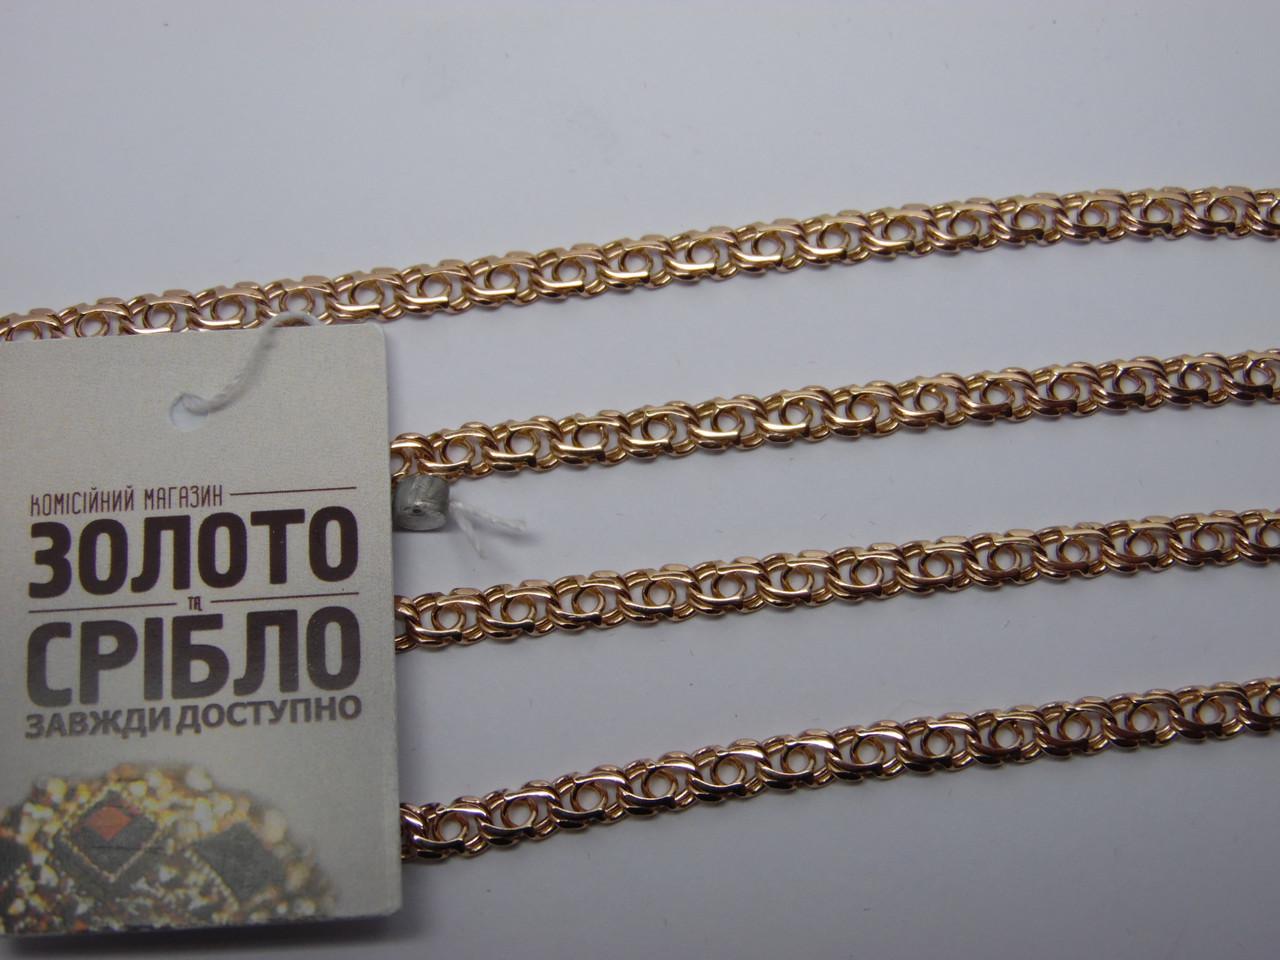 ac193710c122 Цепь золотая, вес 17,28 грамм, 58 см., цена 16 416 грн., купить Київ ...